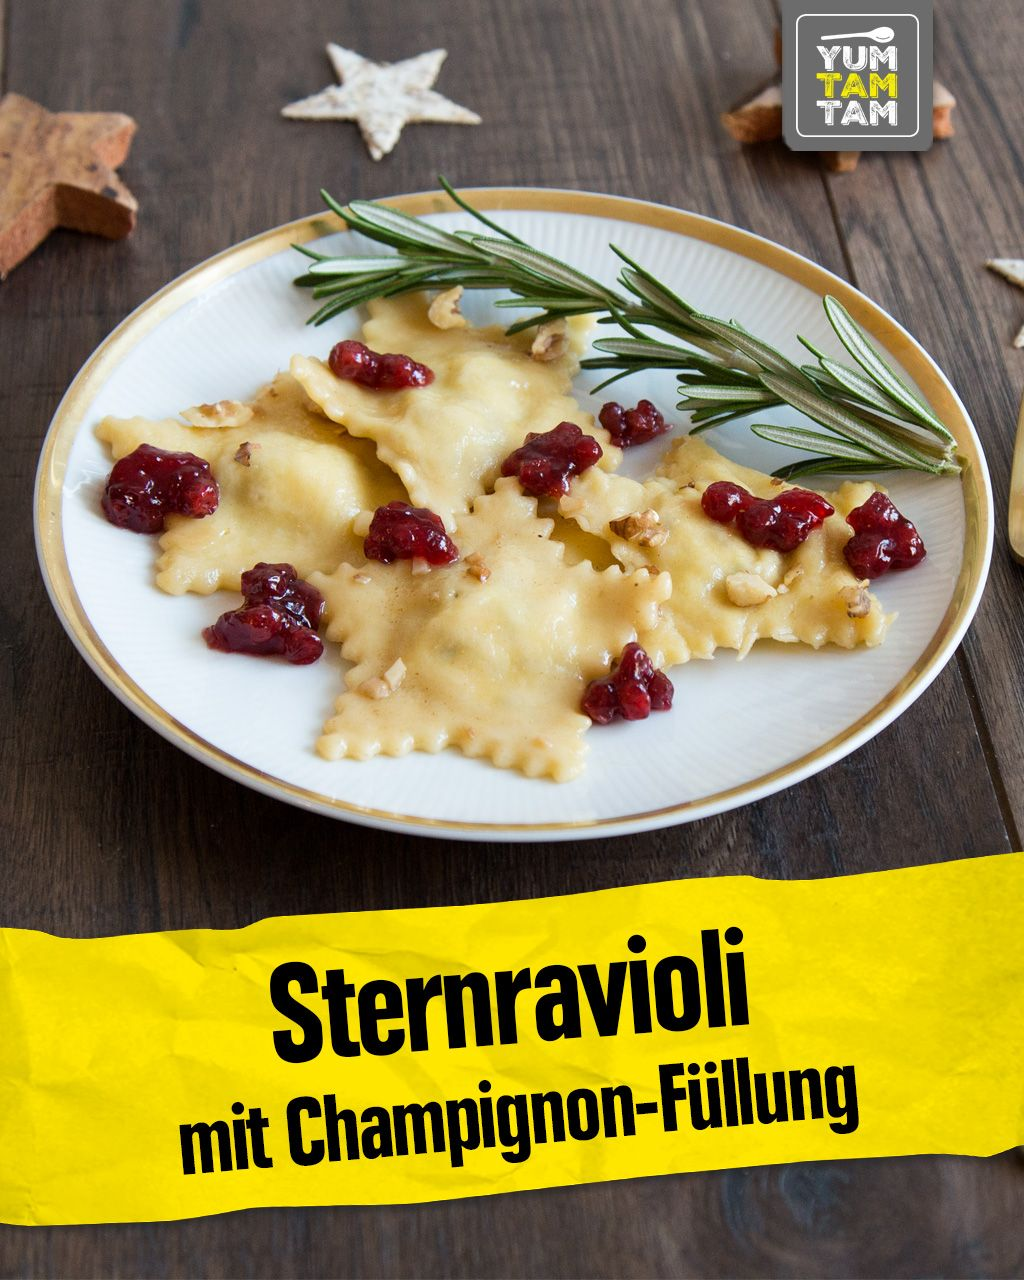 Sternravioli mit Champignon-Füllung